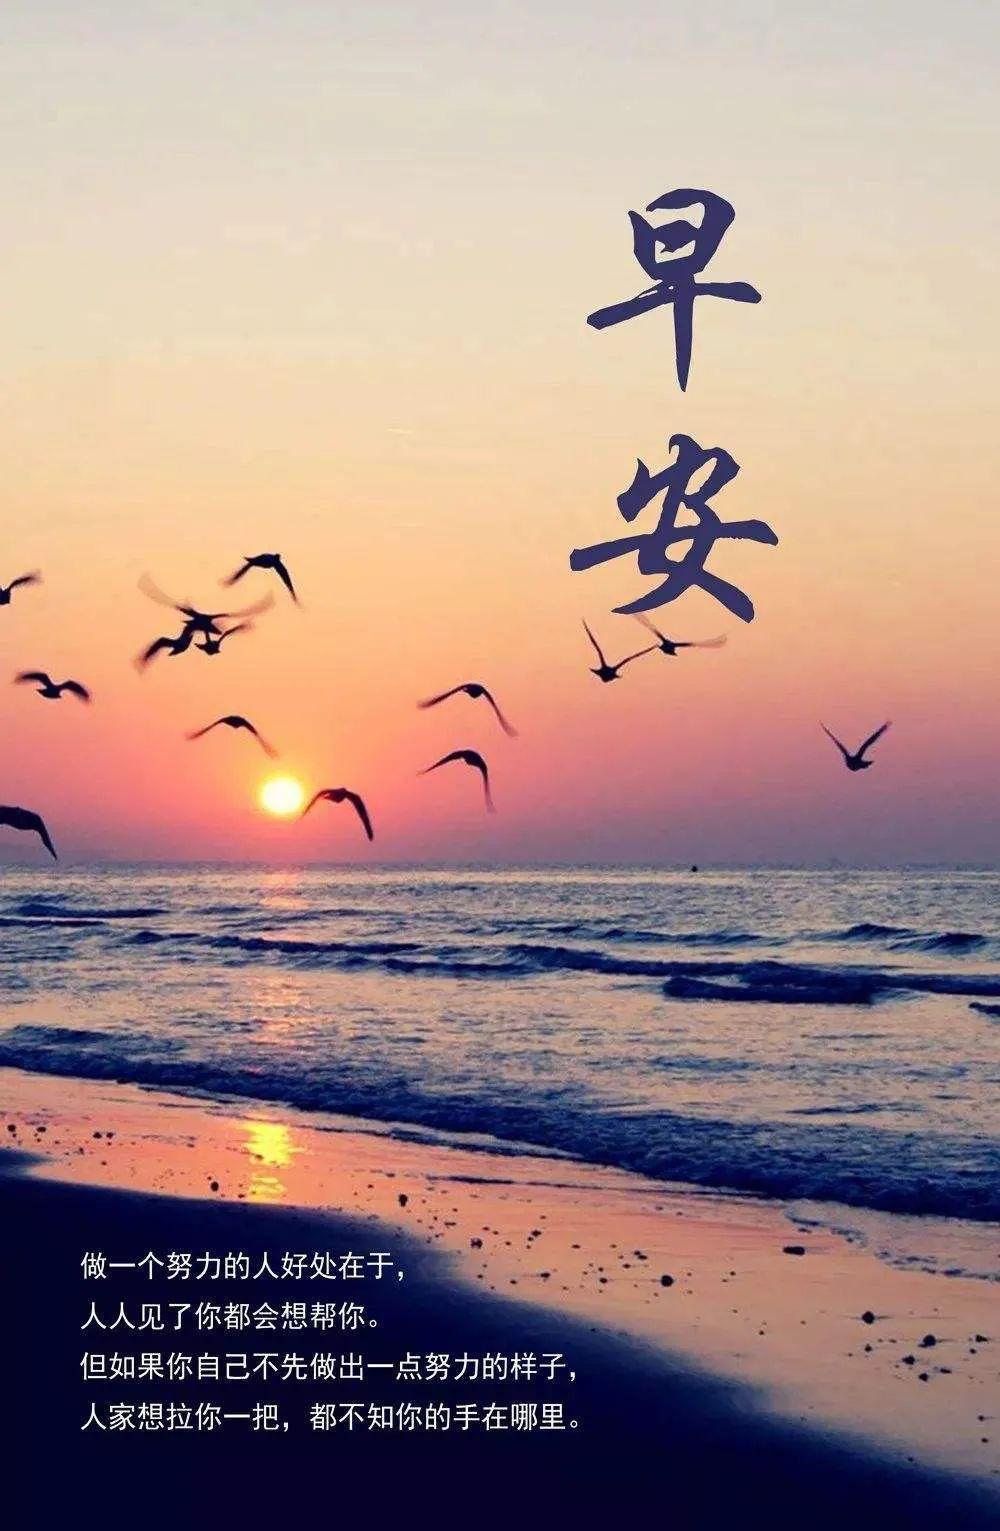 简单阳光的早安句子带图片,激励人心!